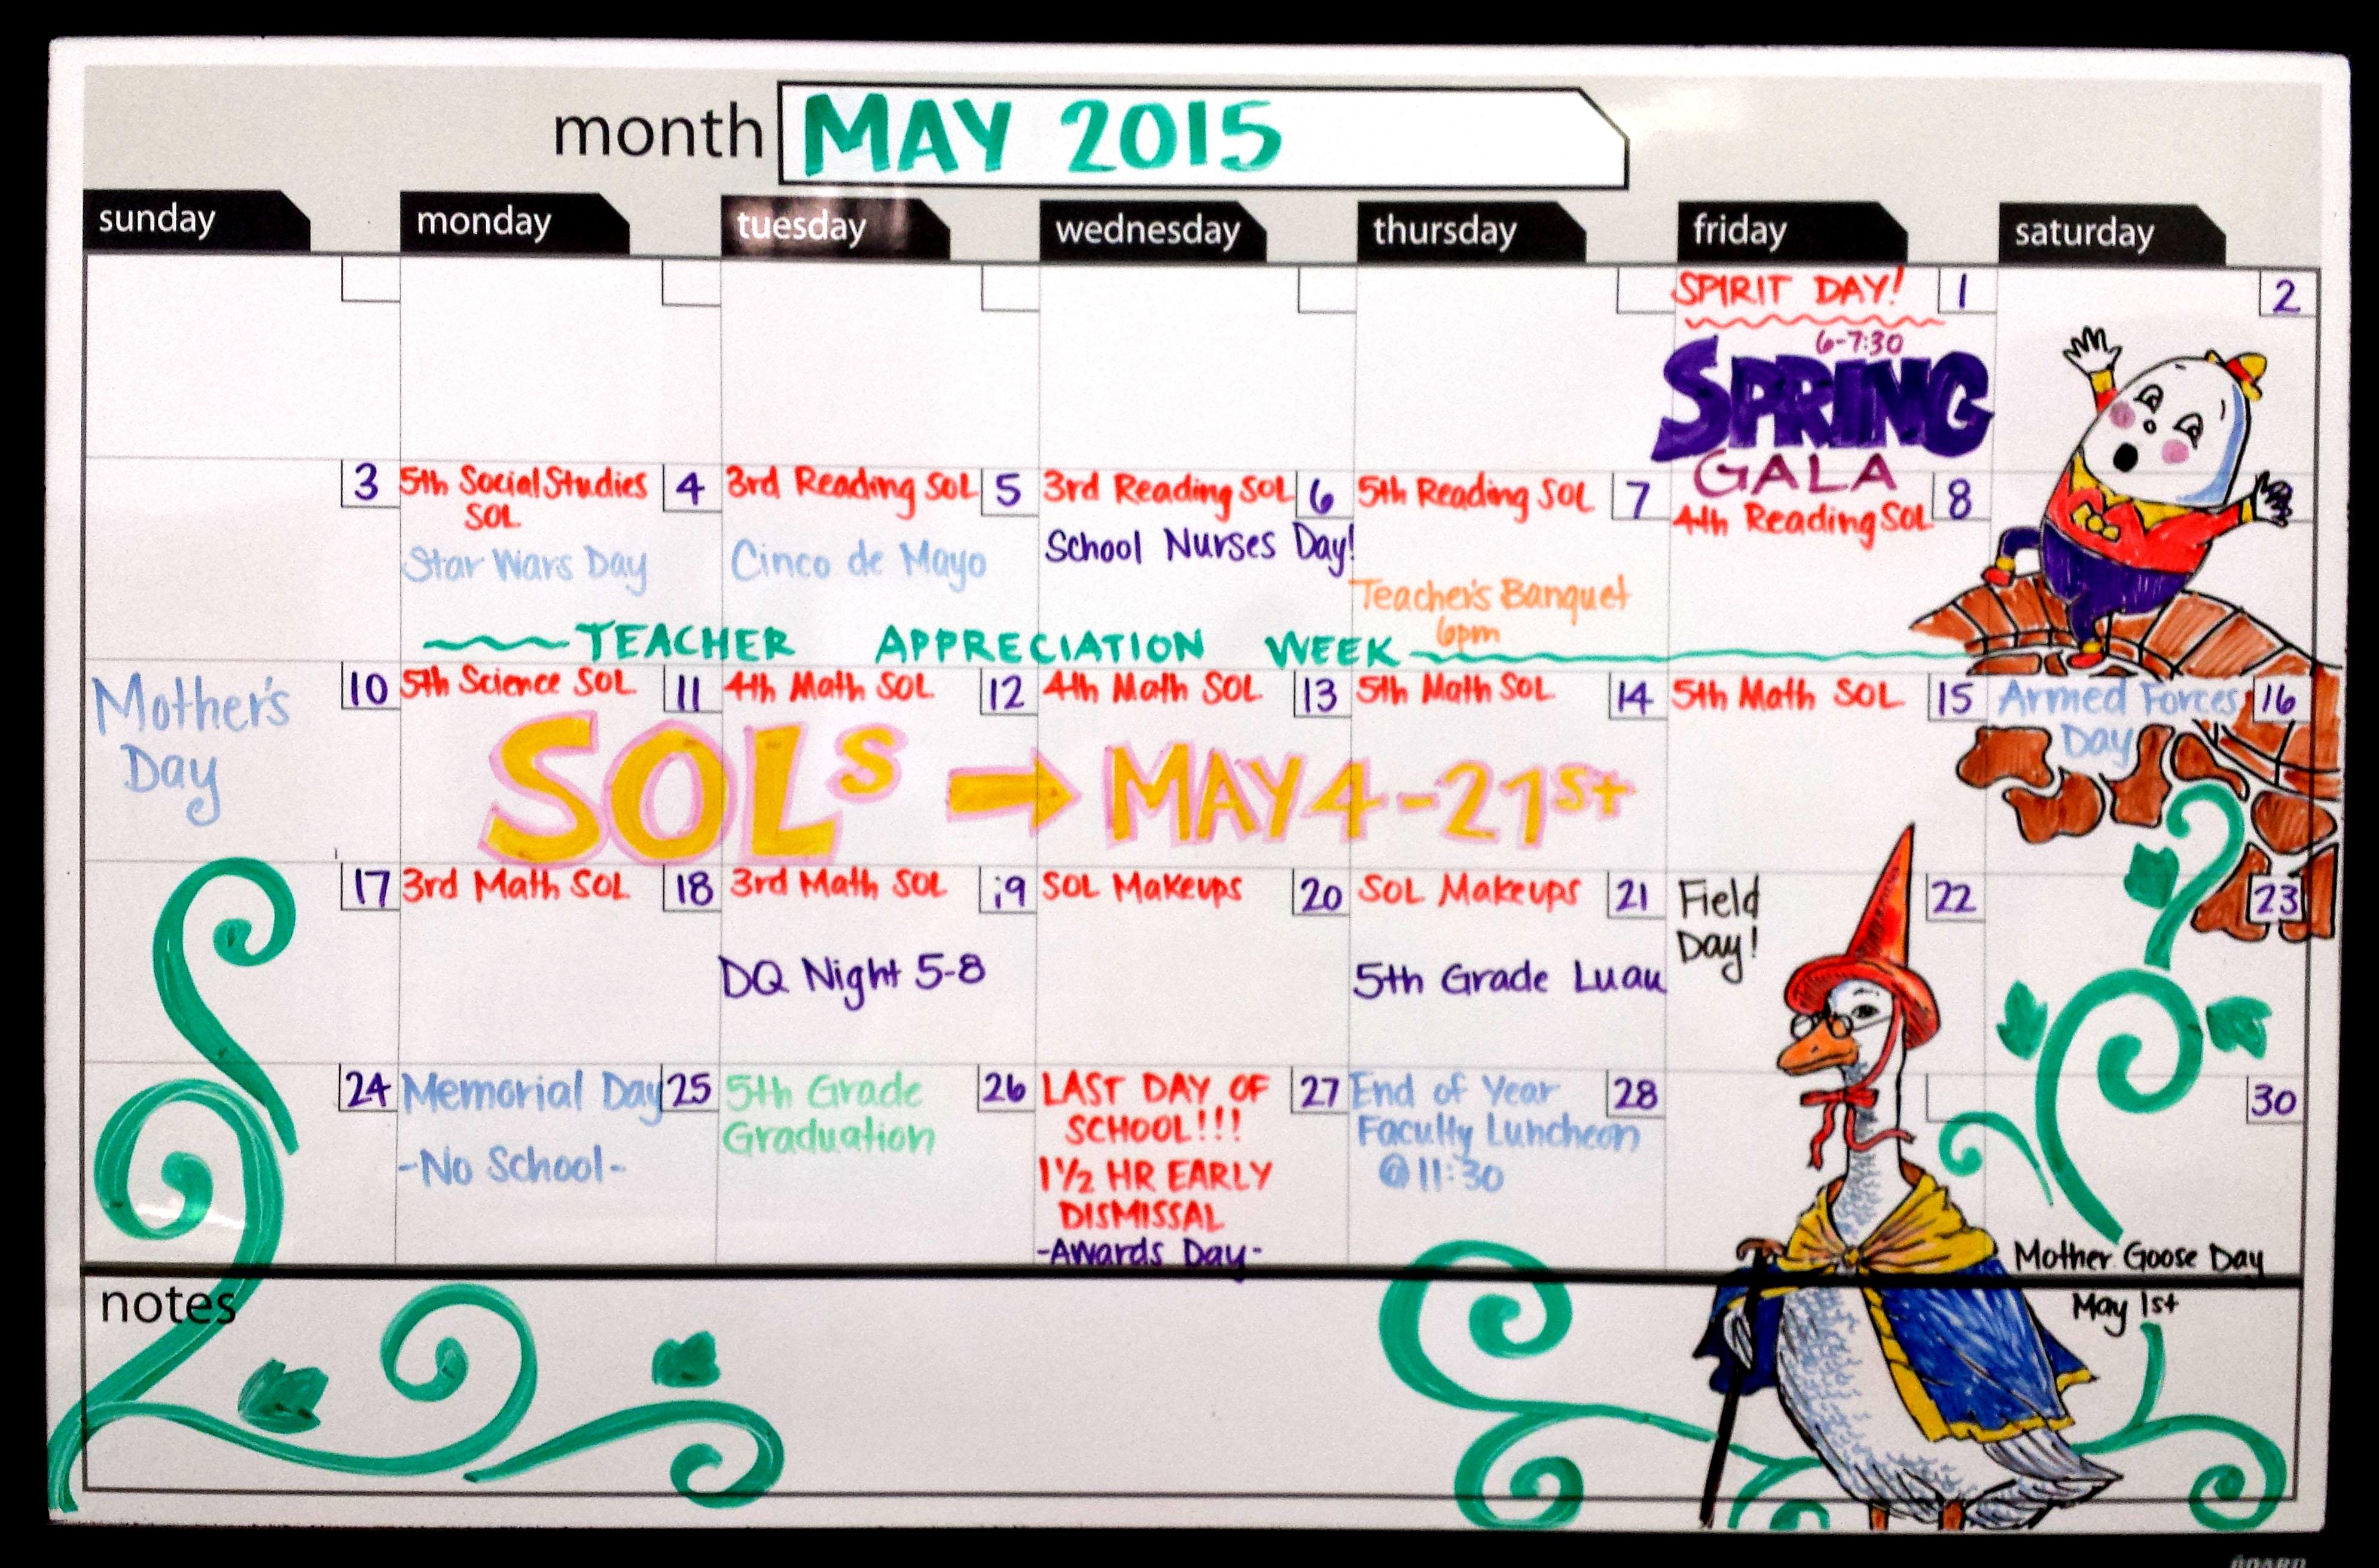 2015 - May